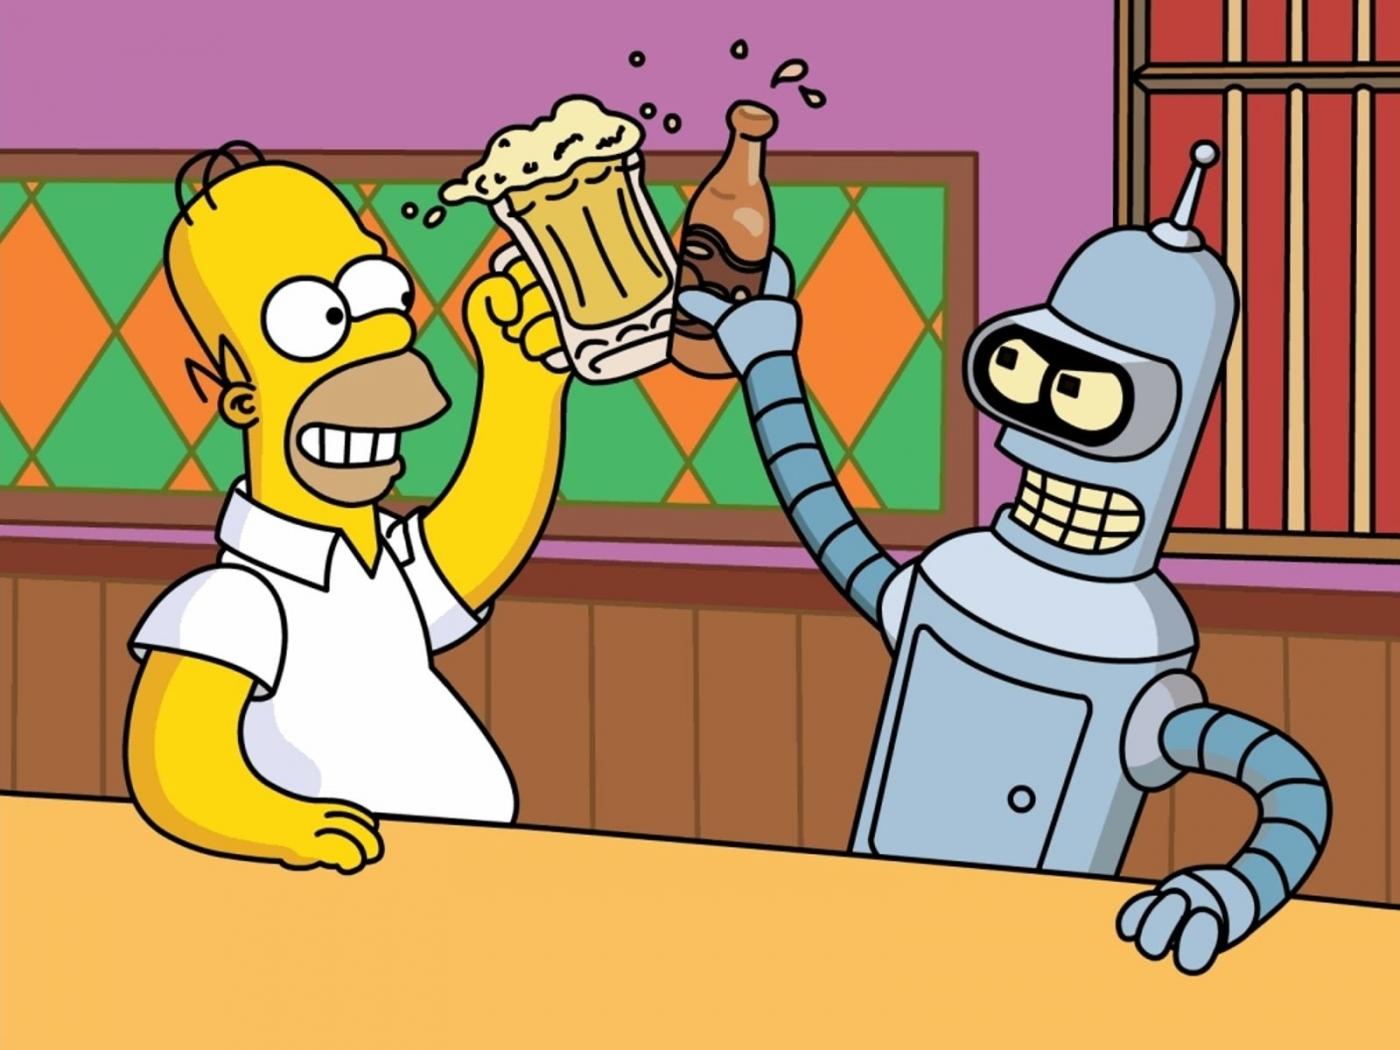 41438 Salvapantallas y fondos de pantalla Dibujos Animados en tu teléfono. Descarga imágenes de Dibujos Animados, Homer Simpson, Los Simpson, Imágenes gratis